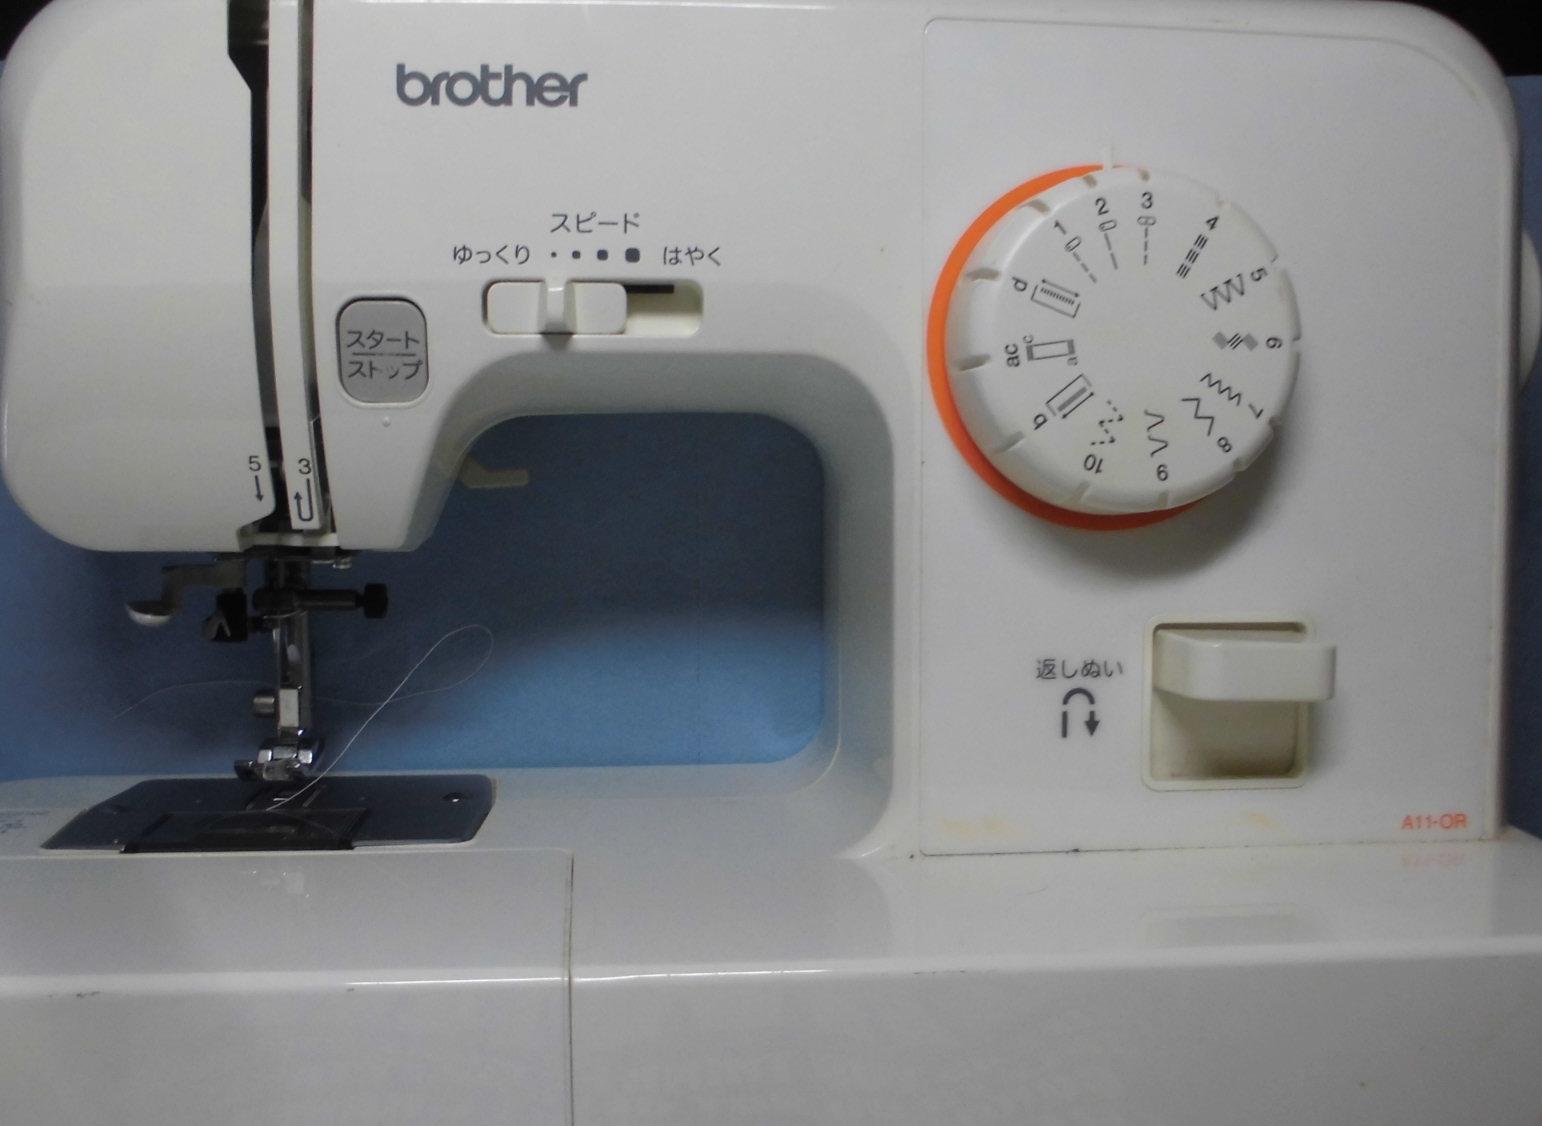 ブラザーミシン修理|A11-OR EL115|下糸をすくえない、縫えない、糸が絡まない